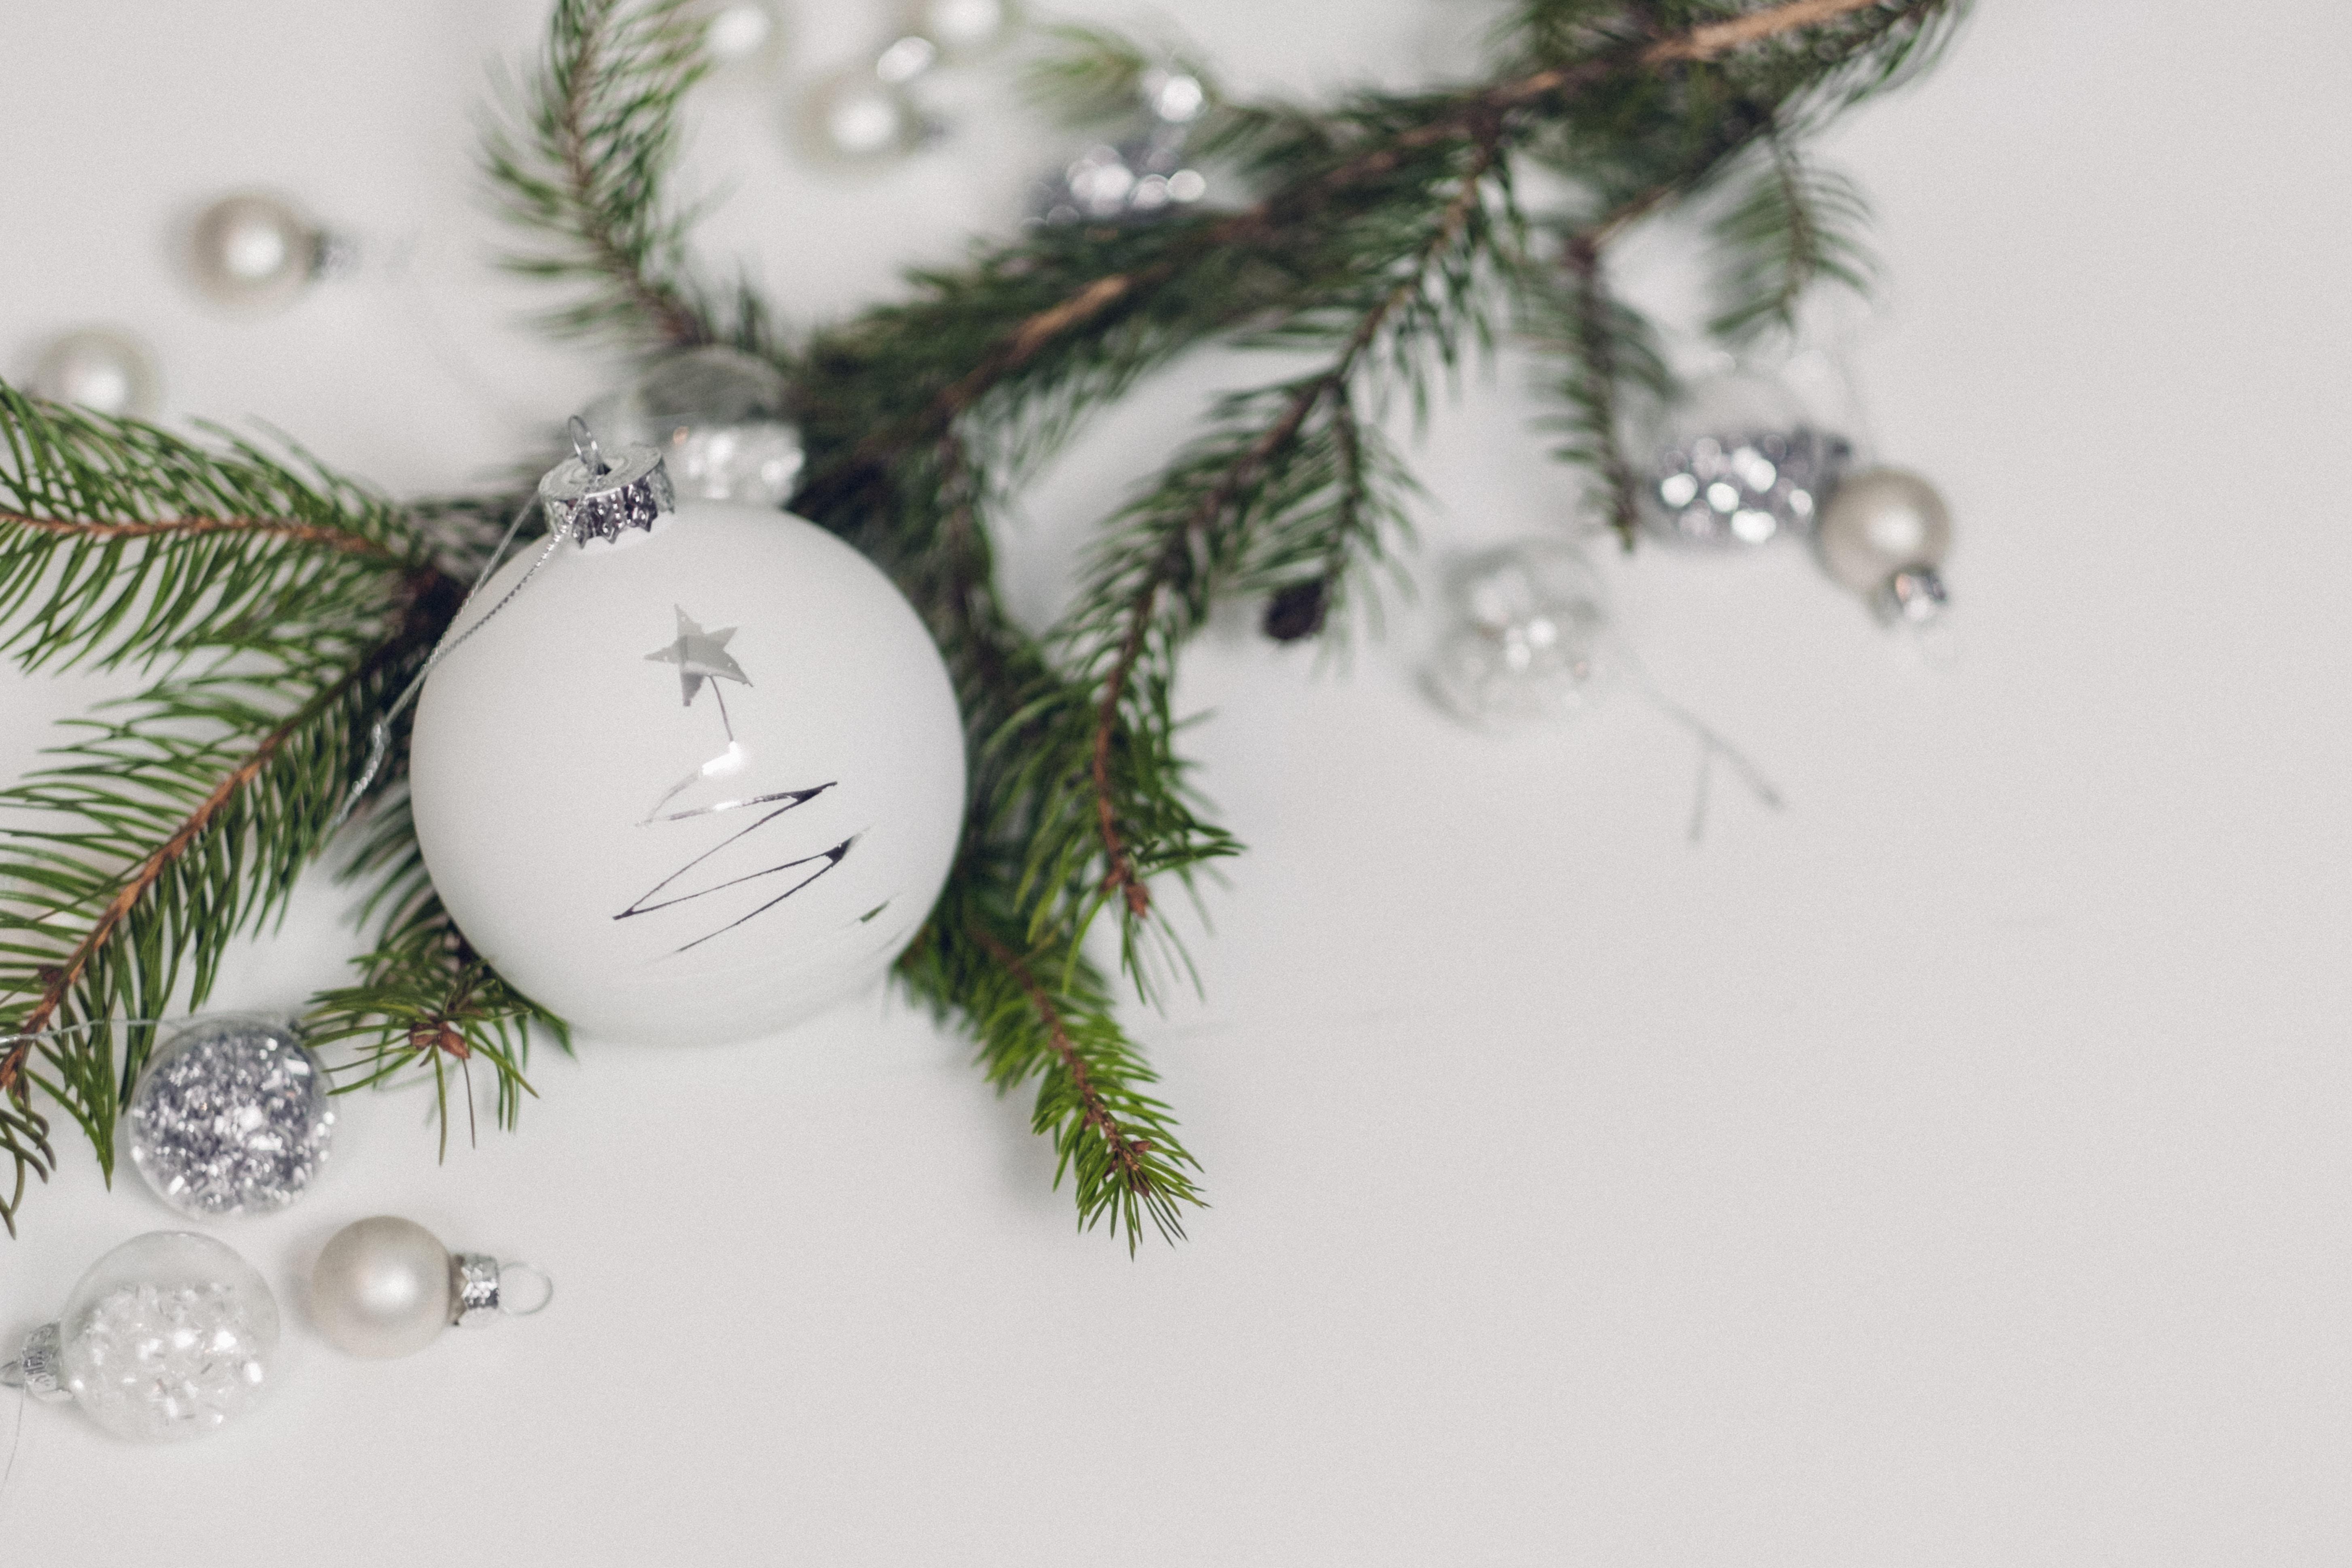 2018年聖誕節交換禮物清單:自己都好想要的交換禮物